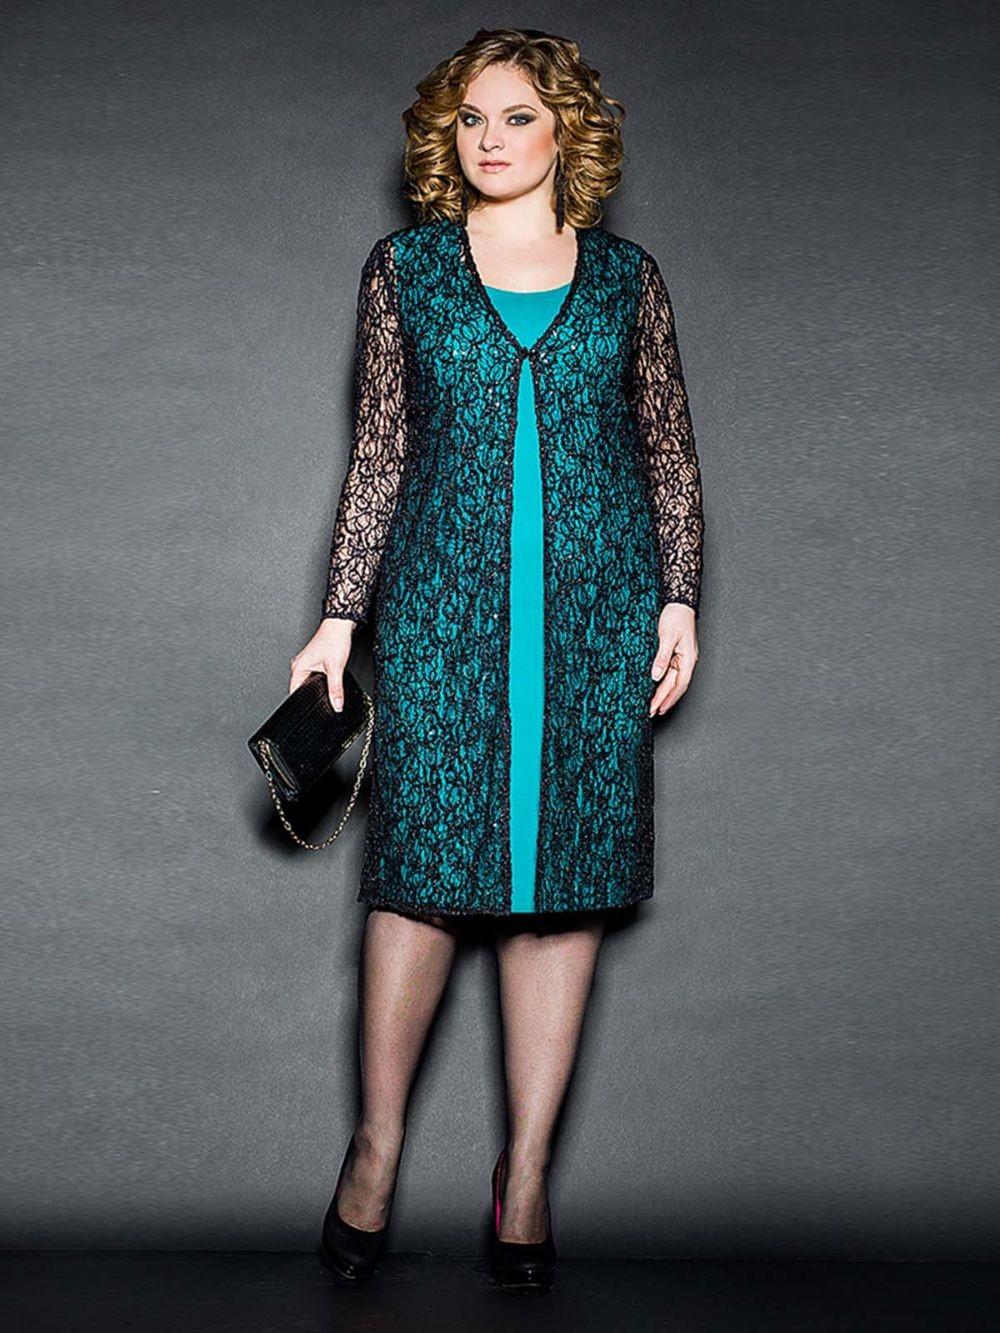 Мода для полных женщин 2018 фото за 40 лет: платье зеленое накидка черная